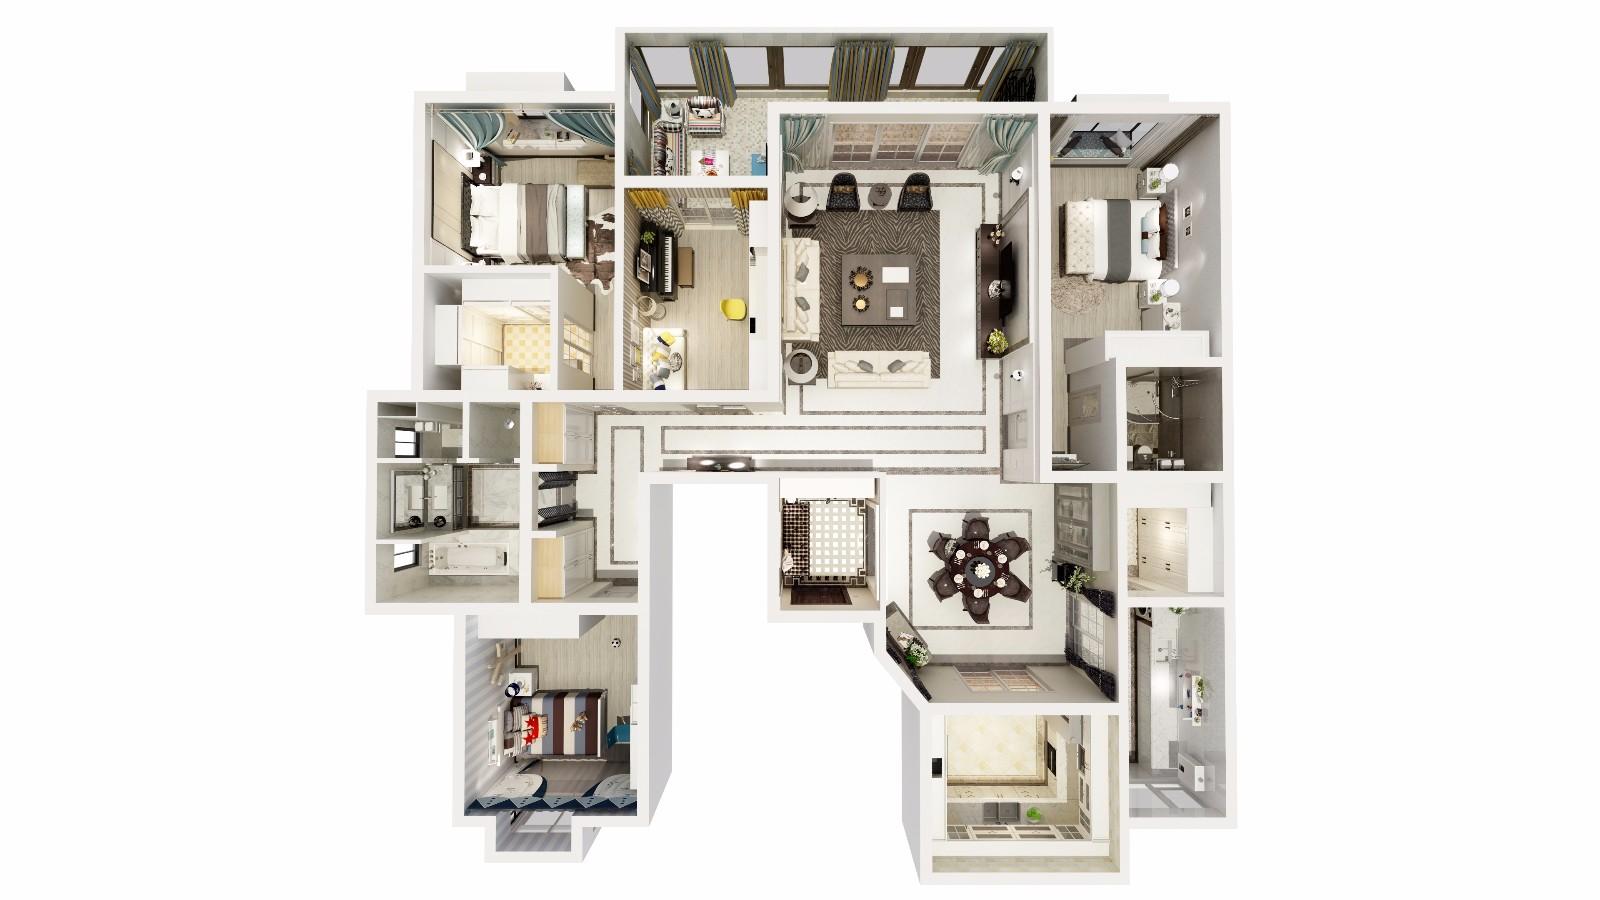 设计说明(预约:182-9186-6197)简欧风格,即有欧式设计风格的一些元素,又充分利用了现代简约设计的某些优势。简欧风格的室内设计打破以往欧式深沉的色彩,大量使用的白色调,把欧式风格设计融入现代设计中浑然一体家居风格。 白色调时尚温馨不突兀,客厅的白色墙面发出的是淡雅清新的现代简欧味道,时尚的米白色调沙发与电视背景墙的呼应,让整个客厅营造出时尚、高贵、轻松、愉悦的视觉感空间,营造出一个朴实之中的时尚简欧家居设计。【温馨提示】: 请重点参考本案效果图与设计,喜欢可预约,请尽量保存图片,以便和设计师对喜欢的风格。今朝巧装家高品质互联网家装,提供装修前6项免费服务:1、免费量房。2、免费报价。